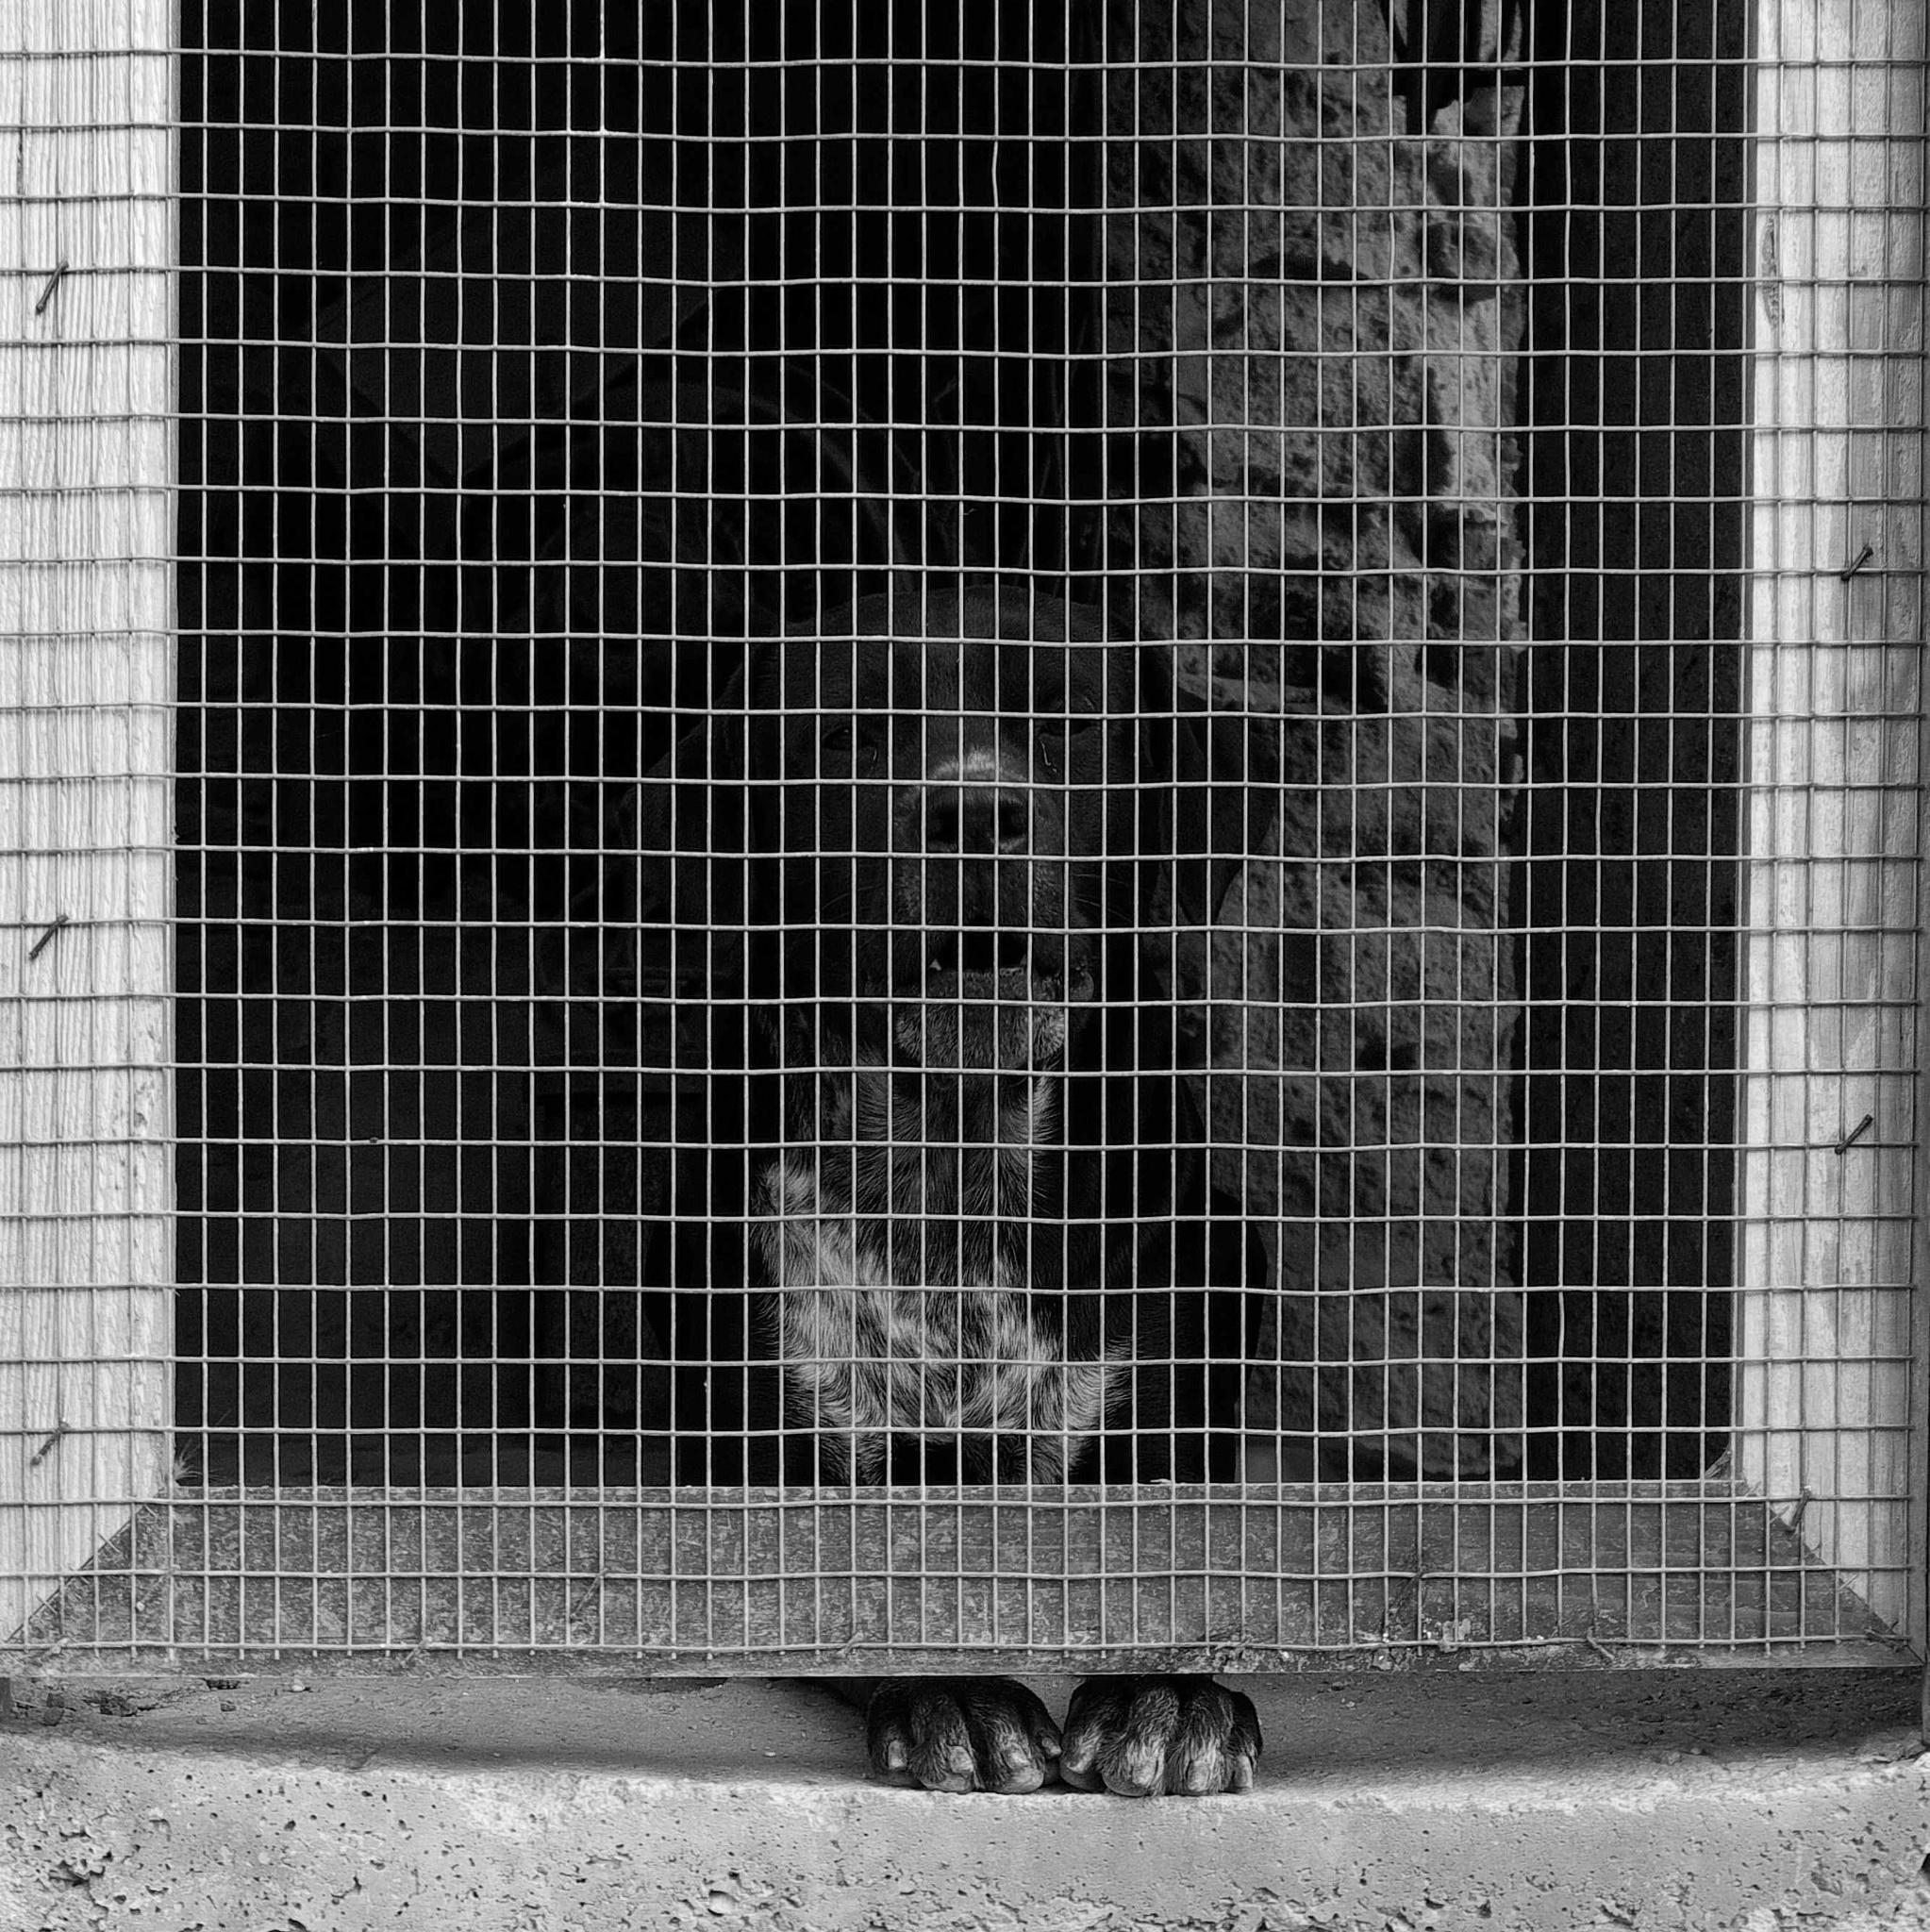 Il carcerato by Ilaria Guccione